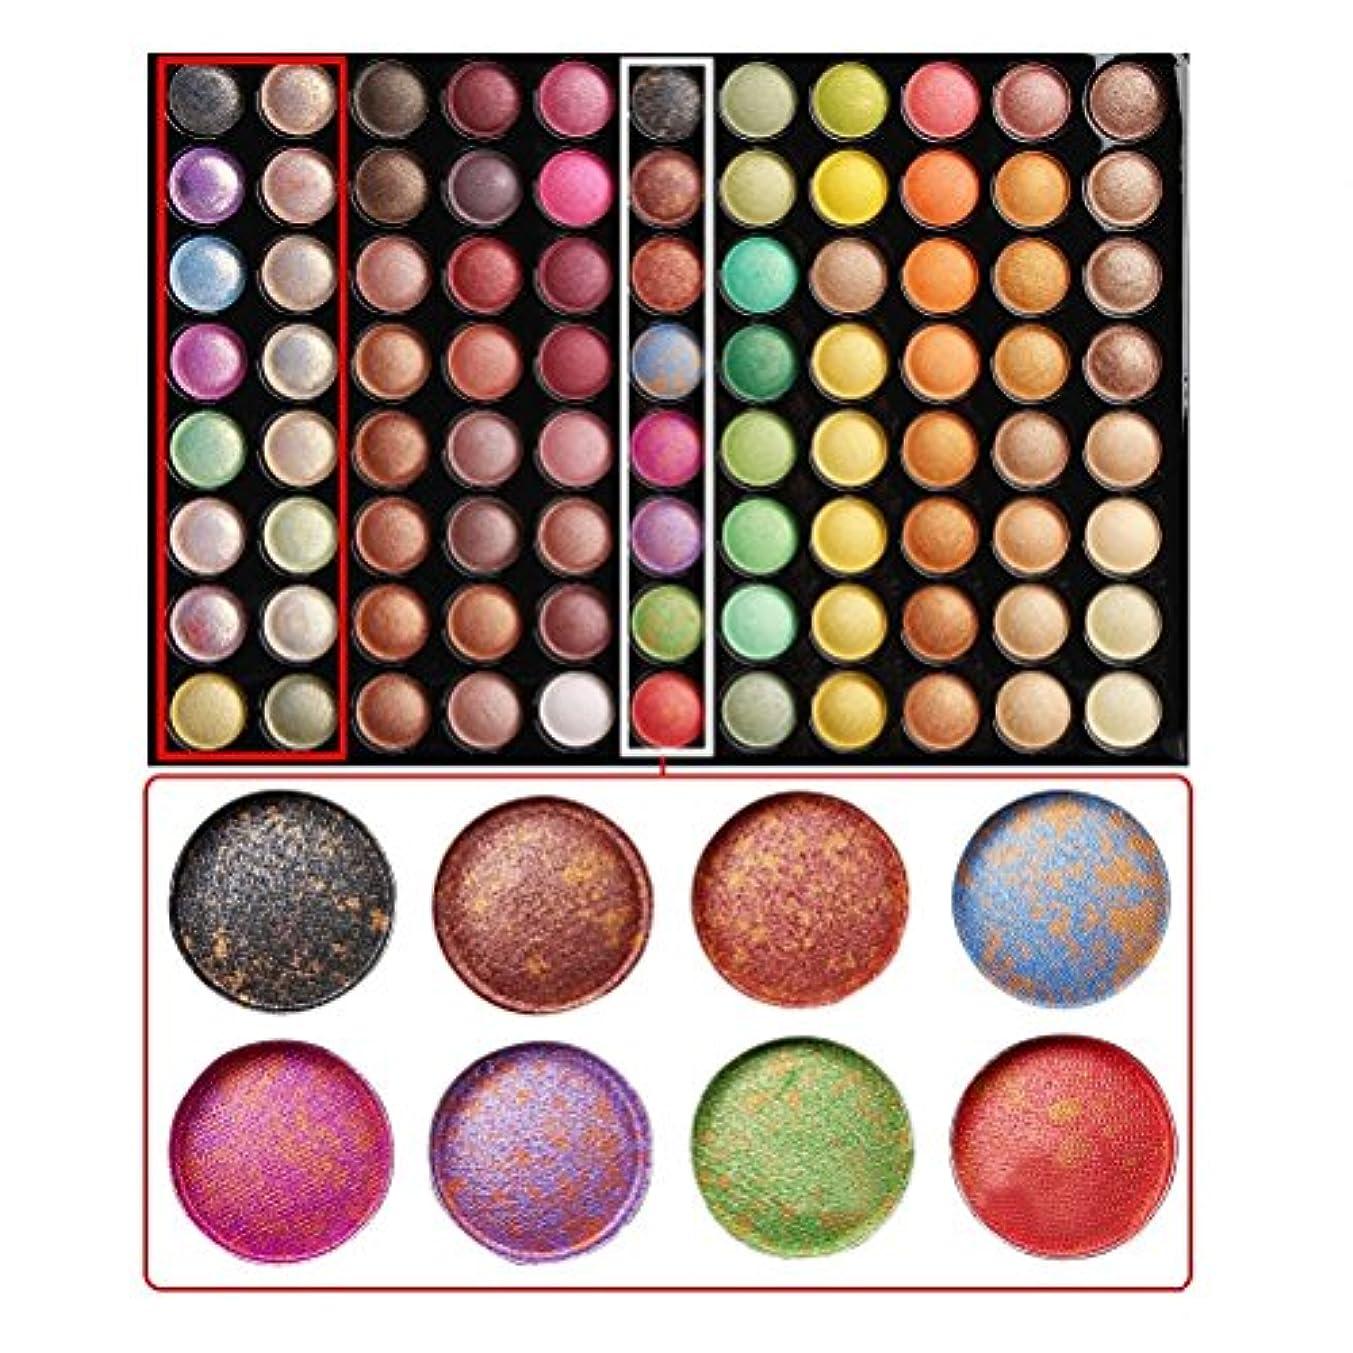 チェリー印象的うまくやる()(メイクアップエーシーシー) MakeupAccアイシャドウパレット アイシャドウ メイクパレット プロ仕様 88色セット アイシャド—ブラシ ミラー付き コンパクト アイメイク コスメ (虹色系) [並行輸入品]